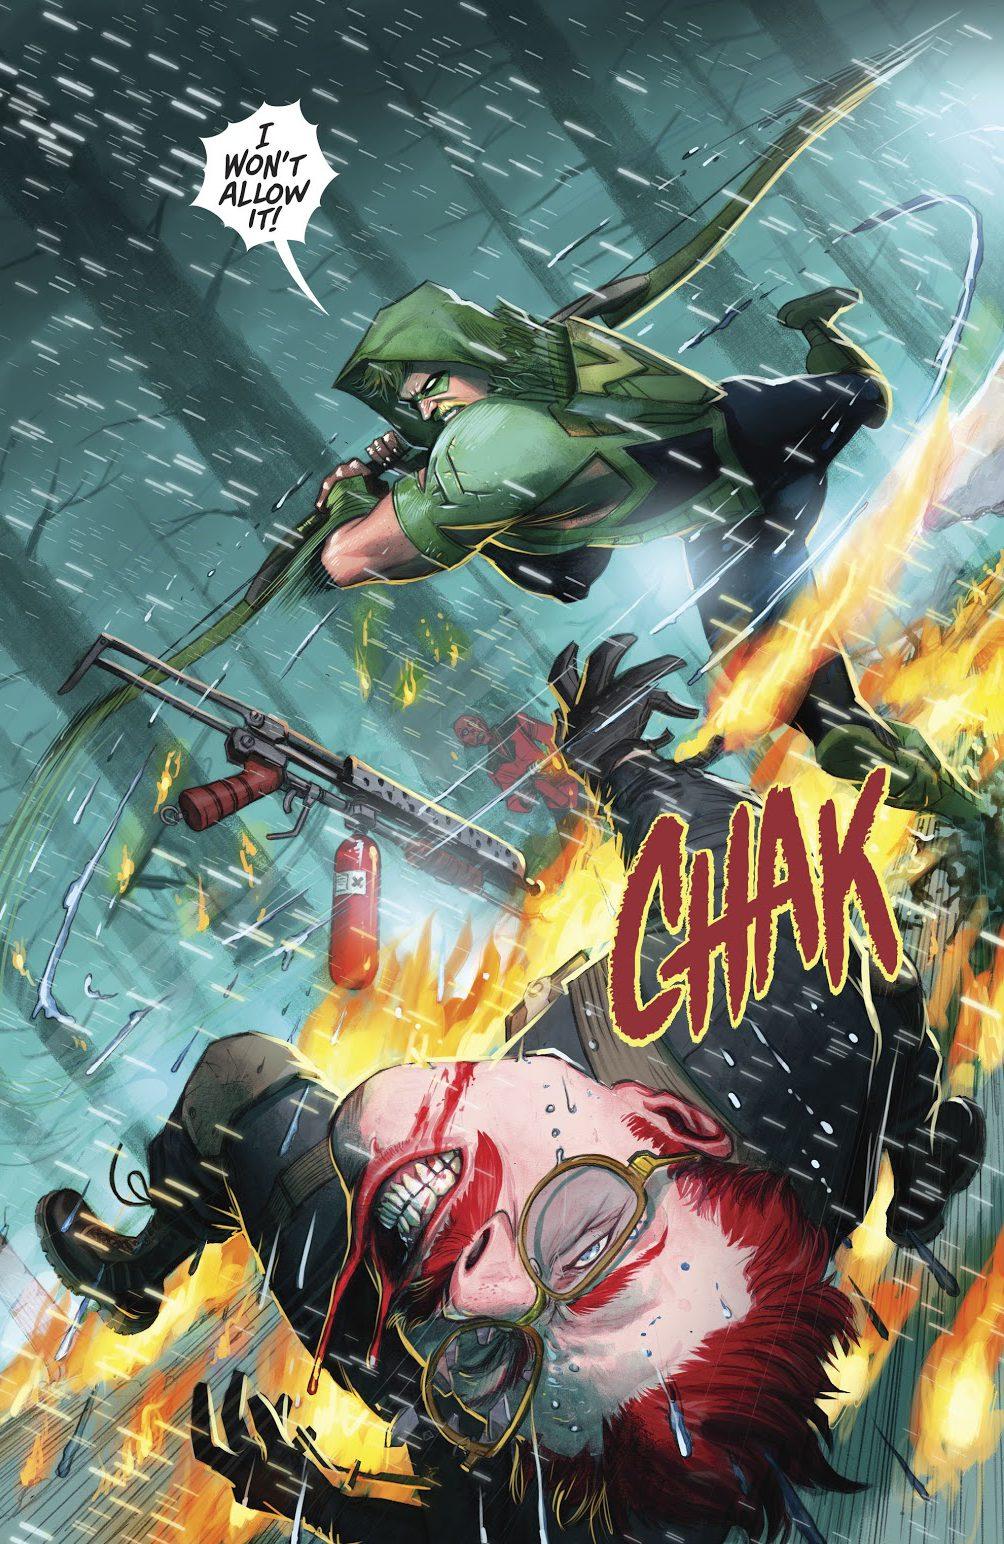 Green Arrow Vol. 6 #23